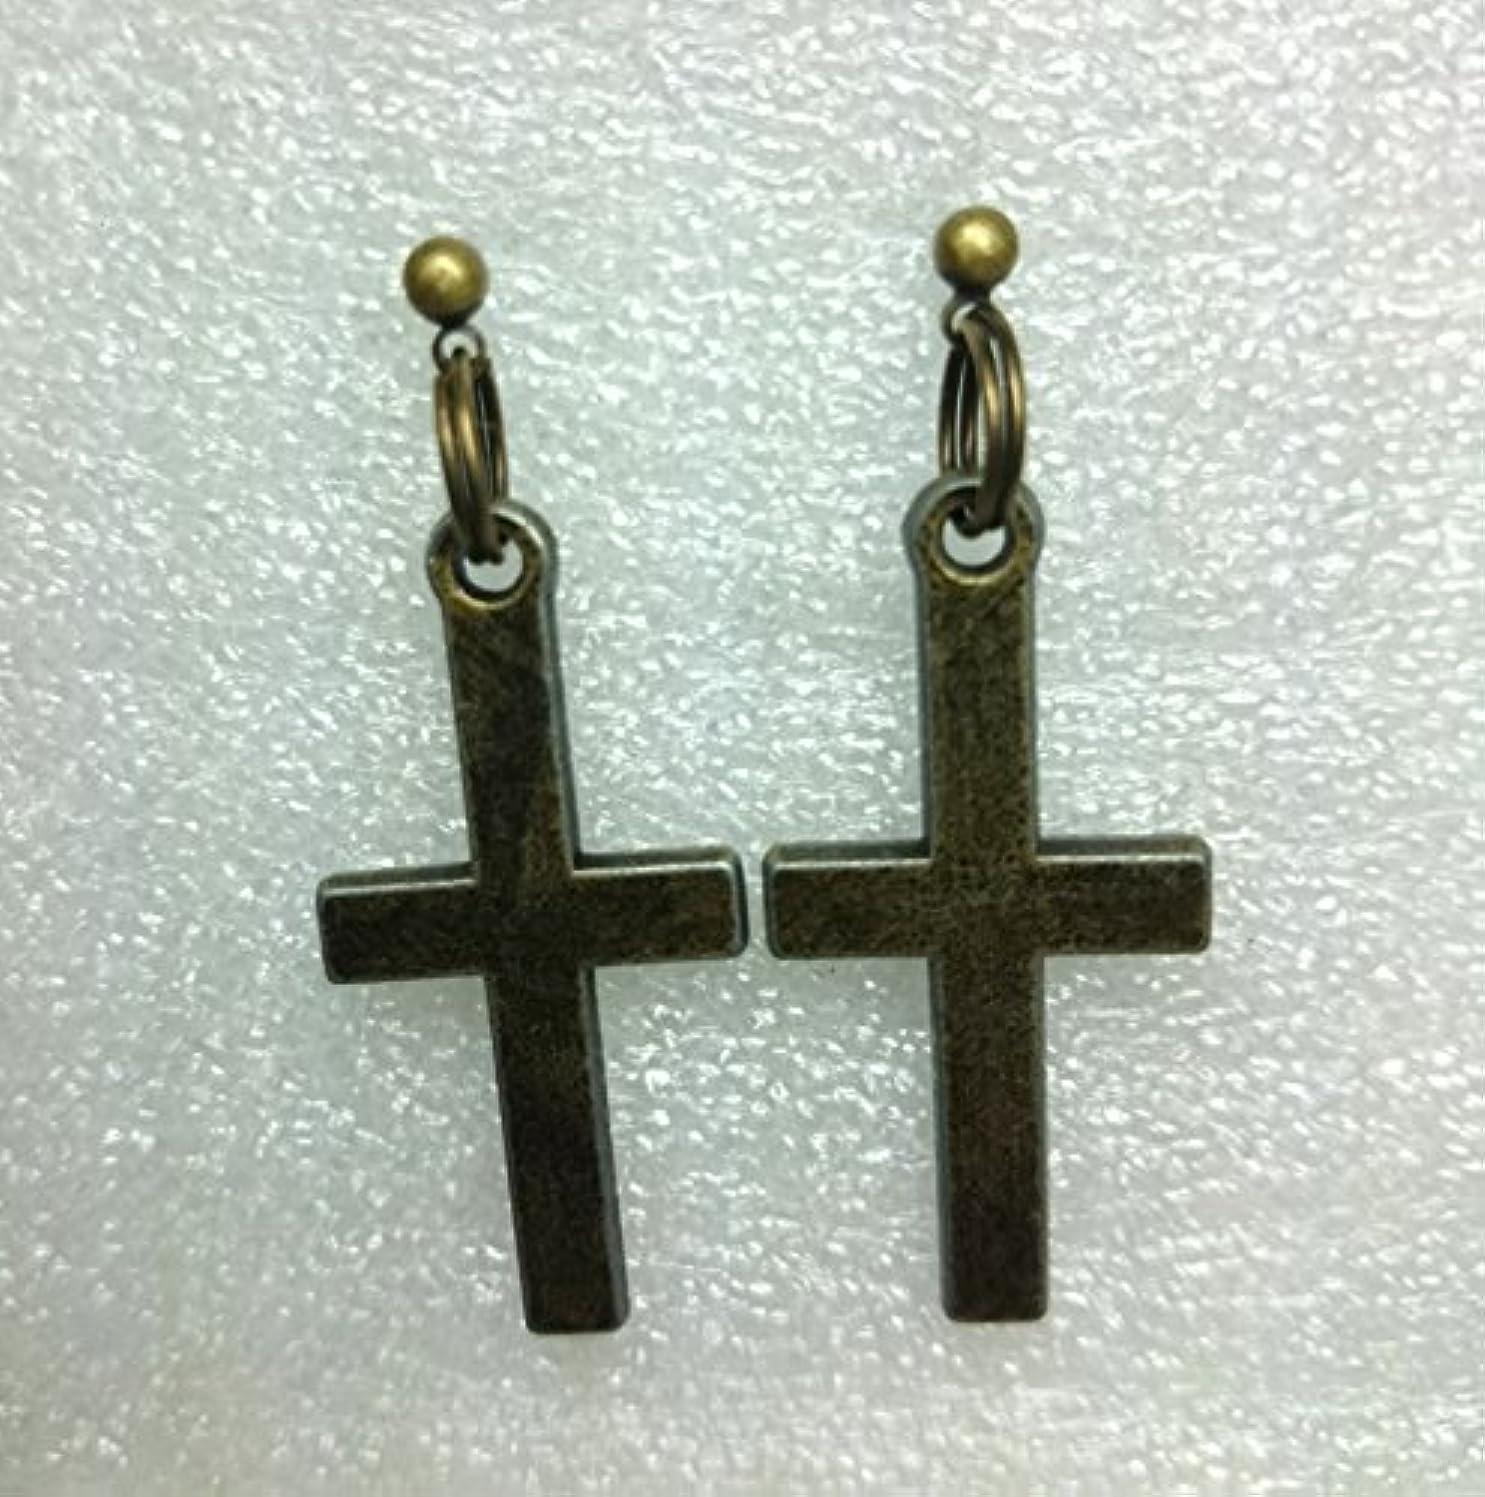 である意見免除H585(SHOUT RUE) 十字架 アンティーク ゴールド ヴィンテージ風 キャッチ ピアス 両耳(2個)